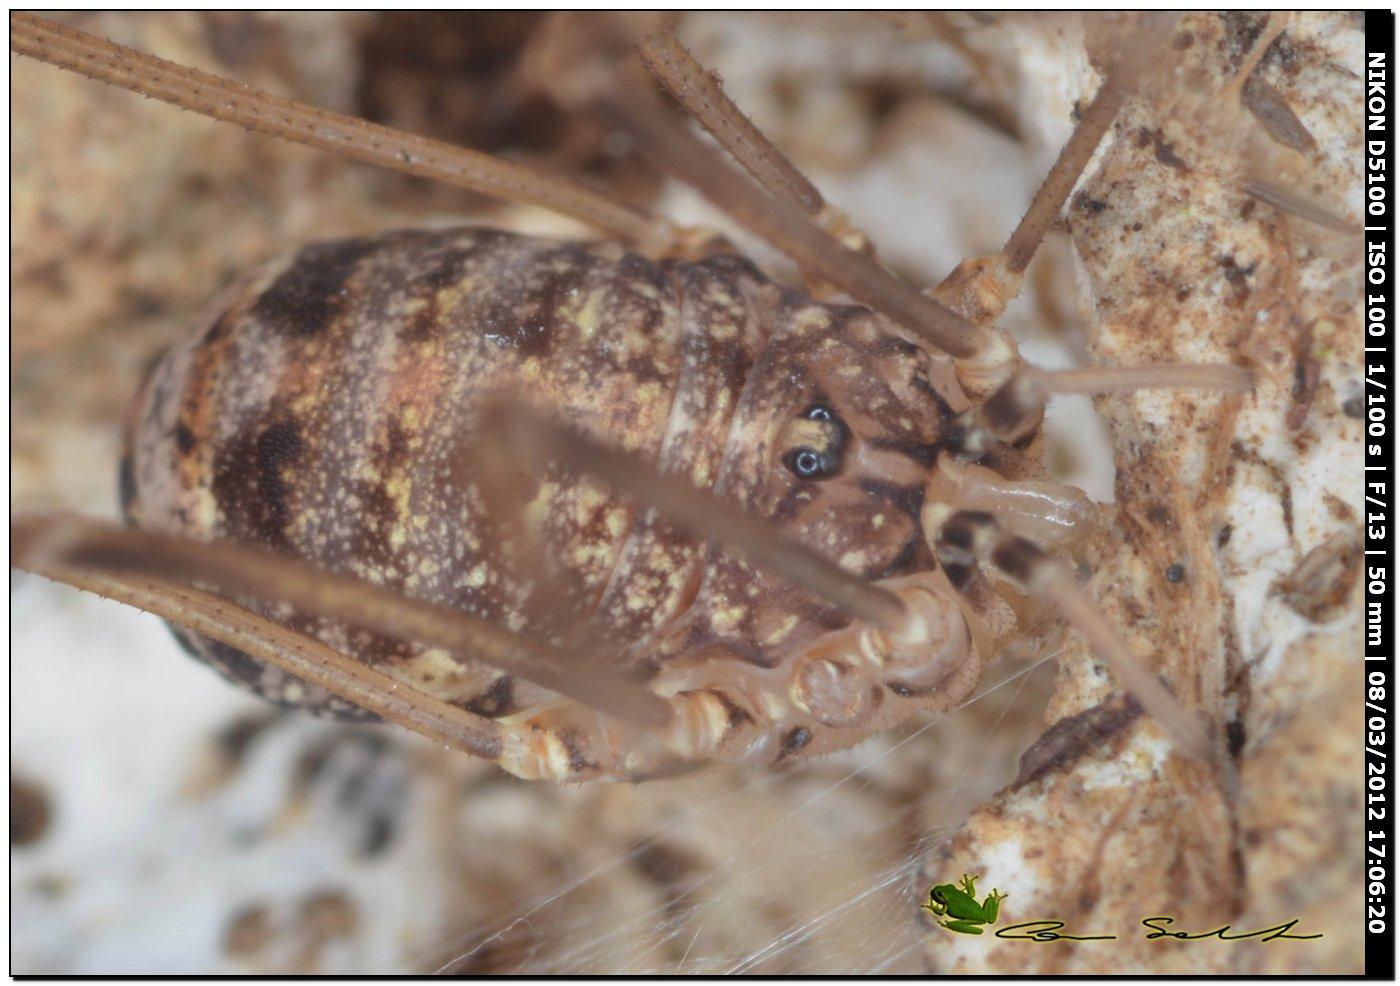 Nelima doriae da Usini - No 38